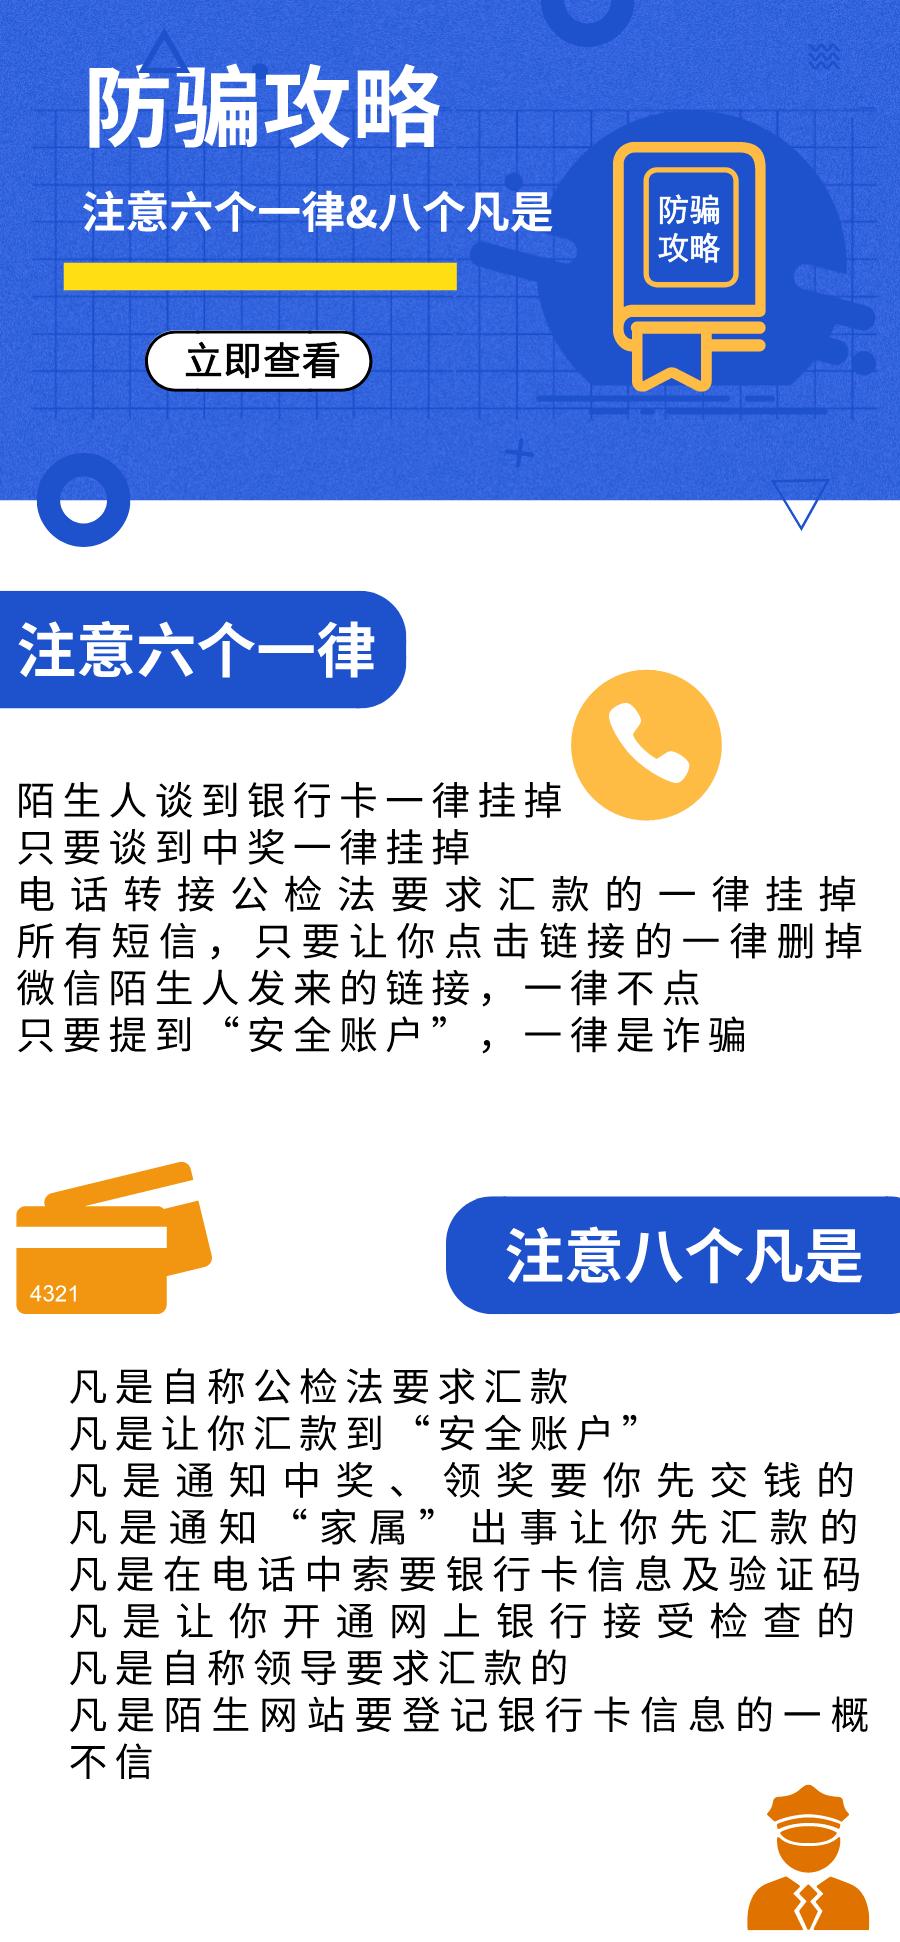 人口办诈骗_防诈骗手抄报